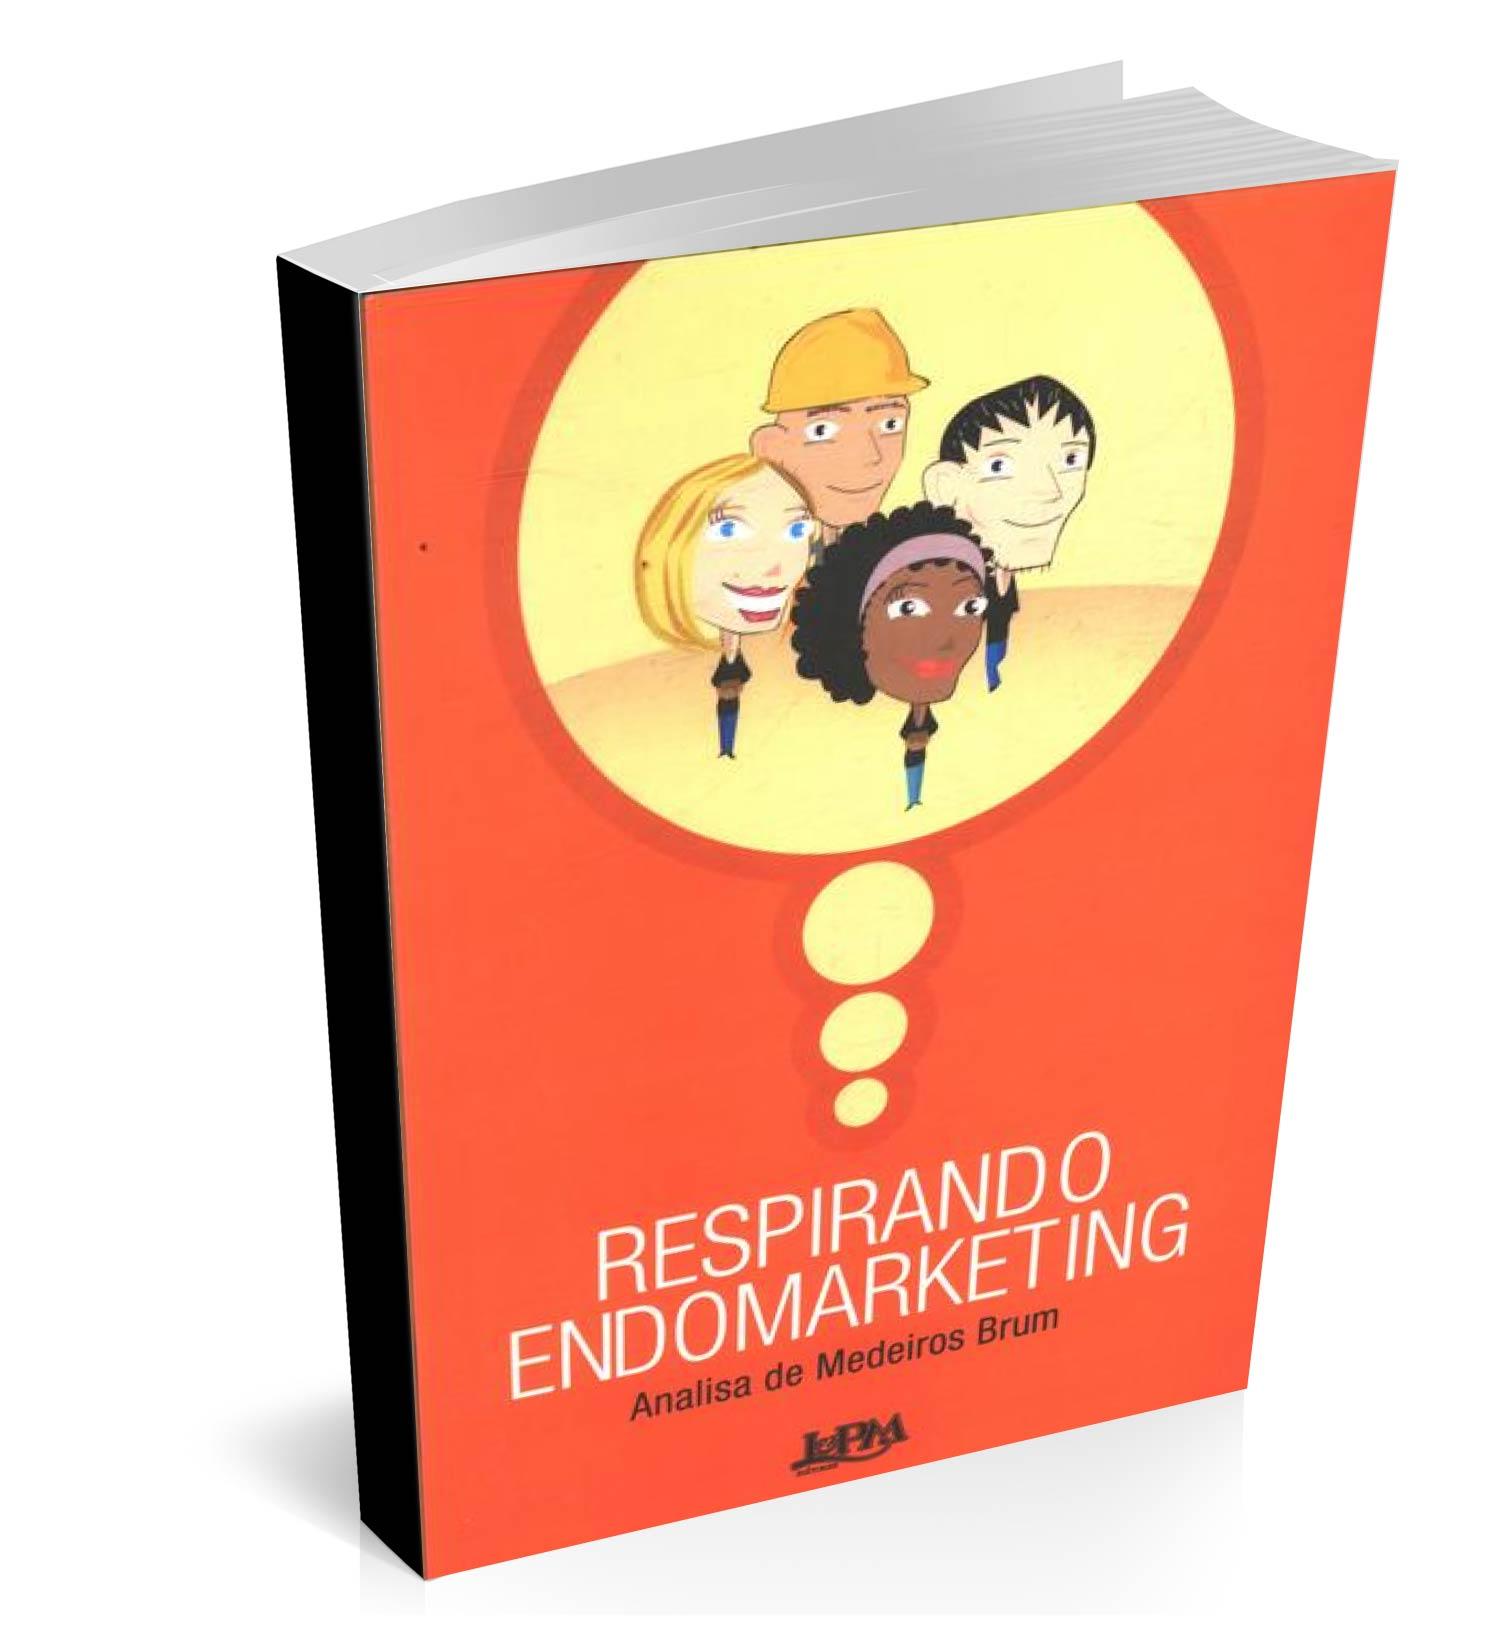 livro de endomarketing